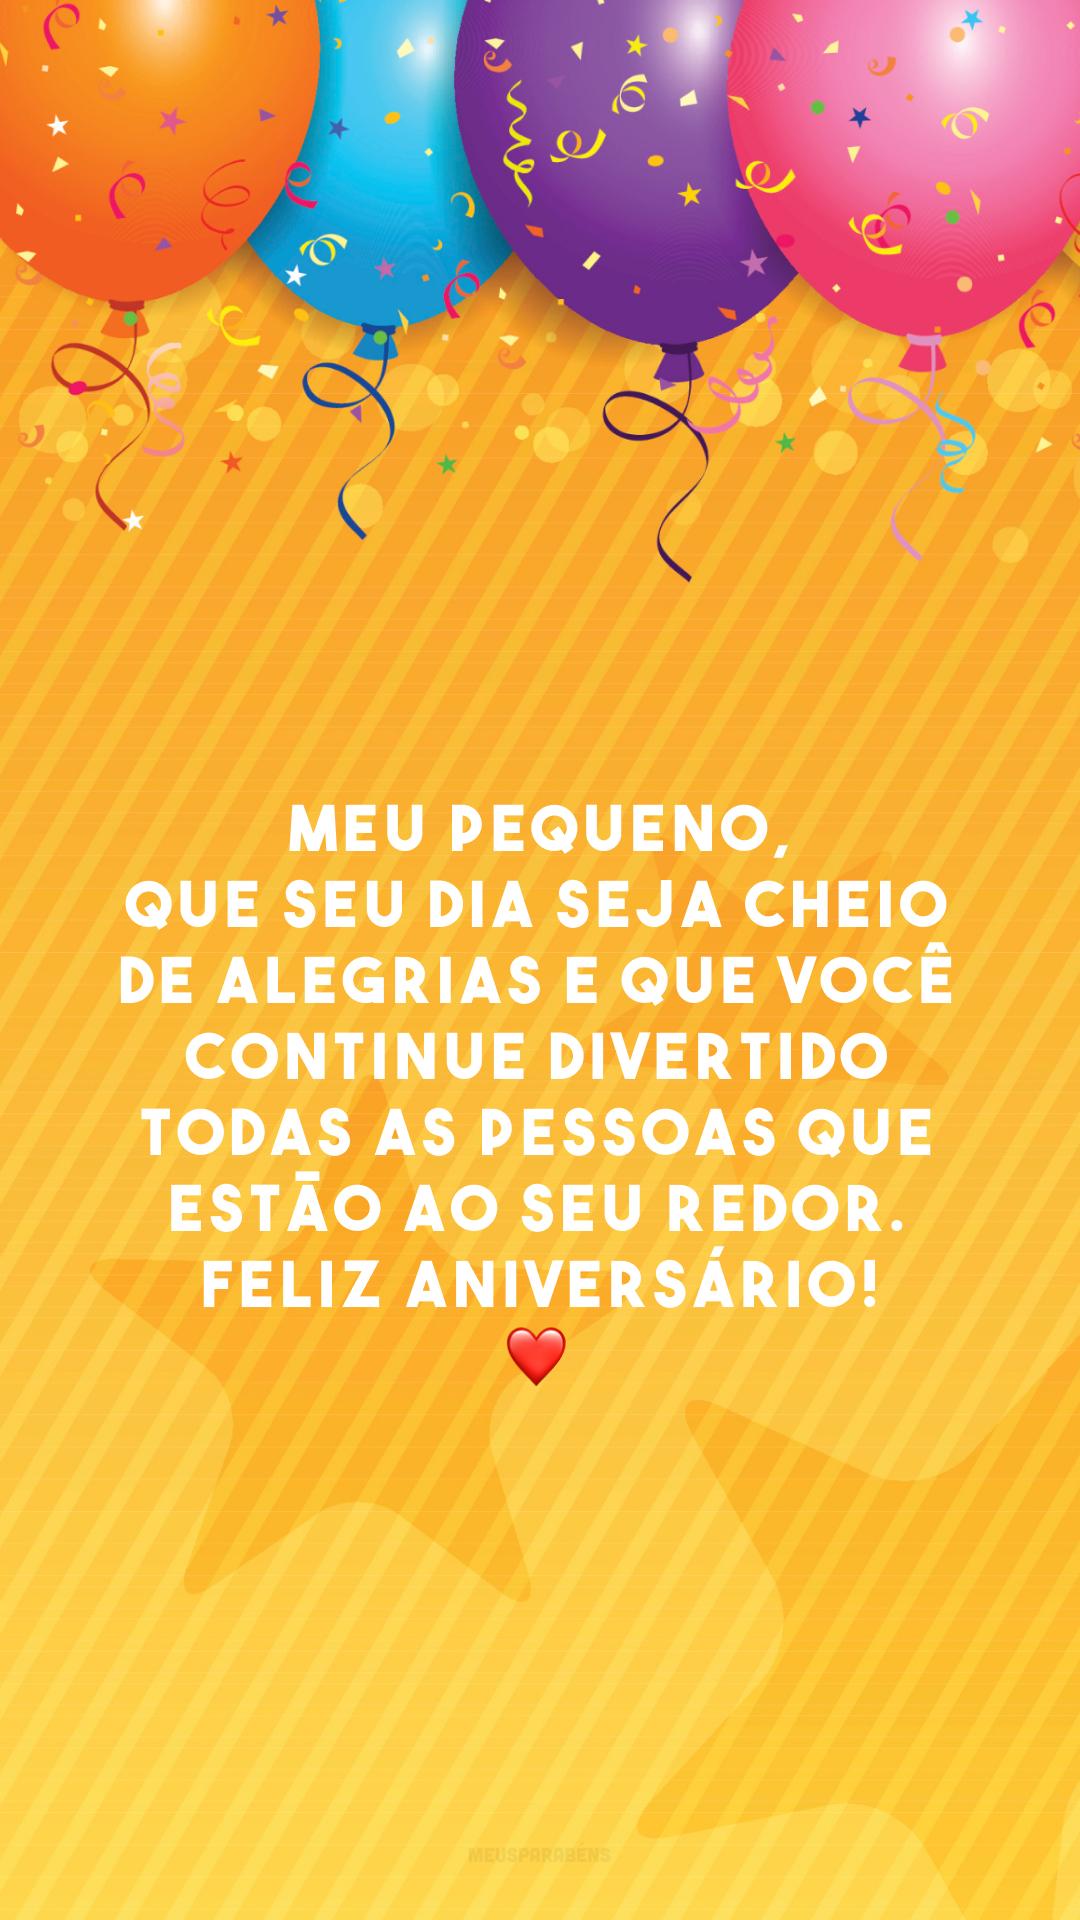 Meu pequeno, que seu dia seja cheio de alegrias e que você continue divertido todas as pessoas que estão ao seu redor. Feliz aniversário! ❤️